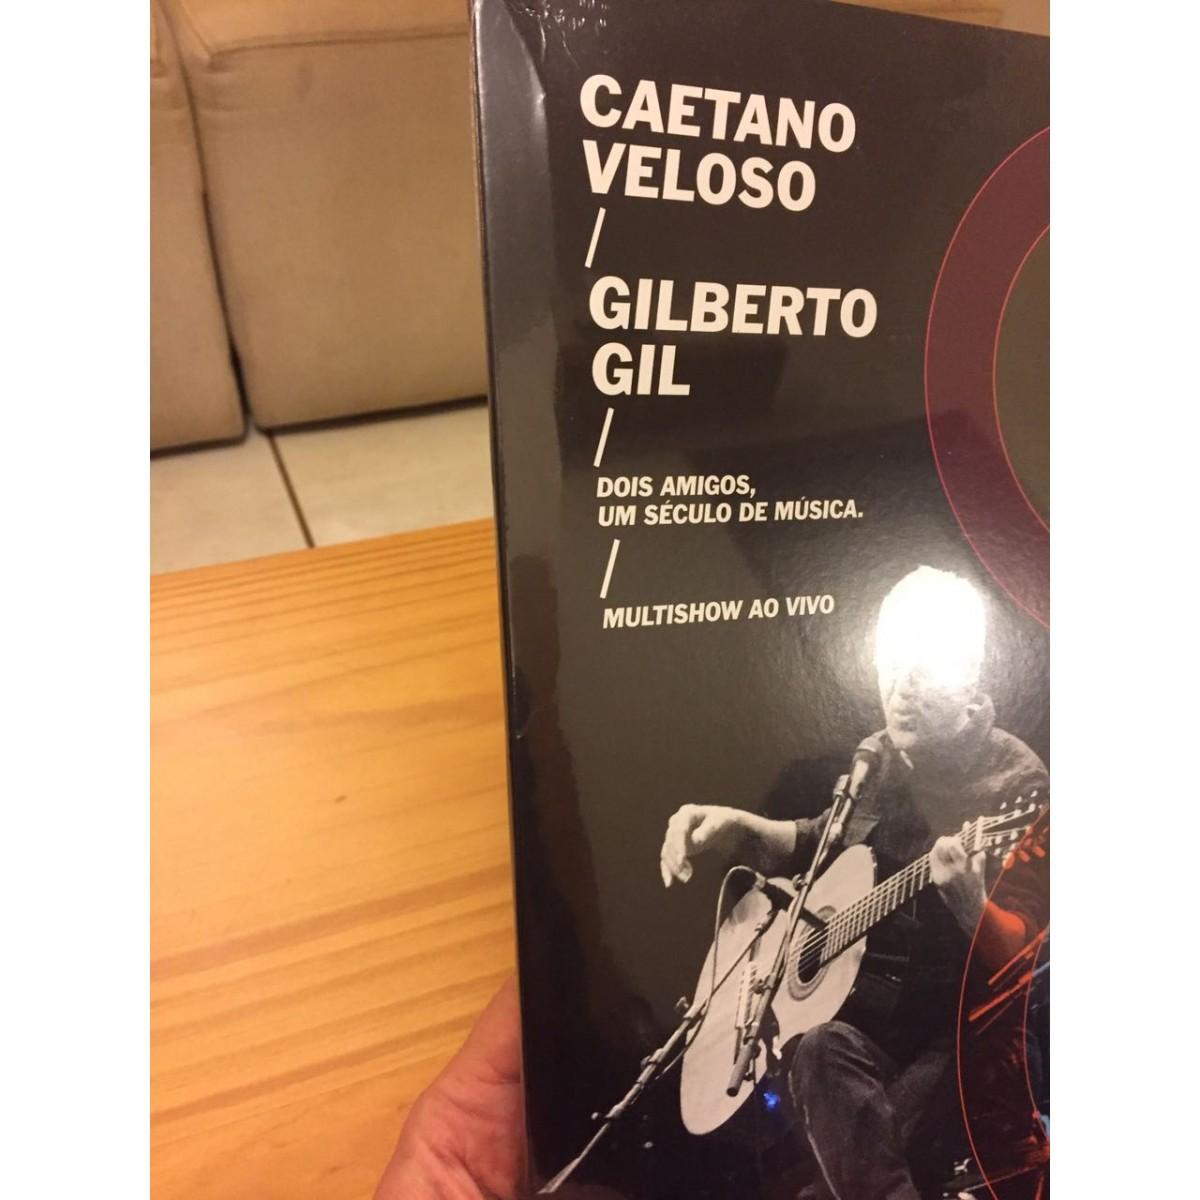 Lp Caetano Veloso e Gilberto Gil Dois Amigos, Um Seculo de Musica CAPA AMASSADA